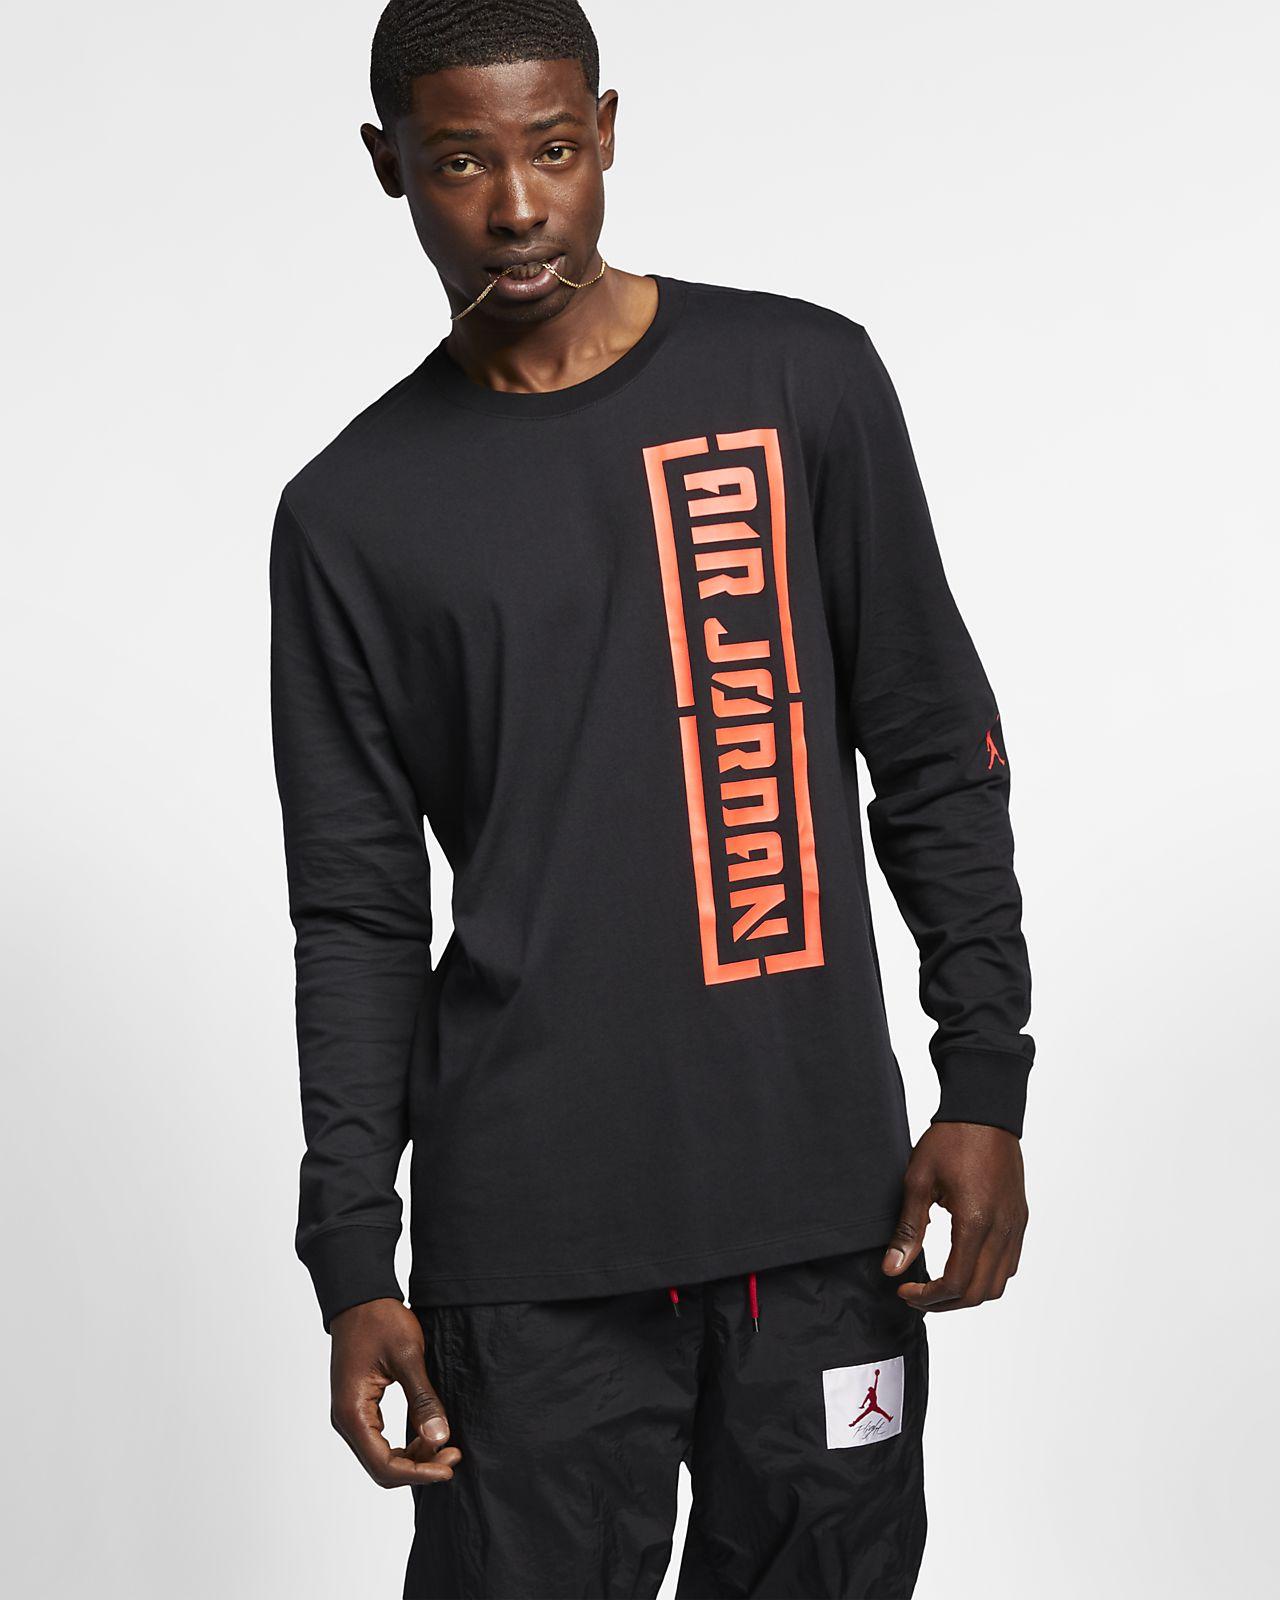 Jordan Men's Long-Sleeve T-Shirt